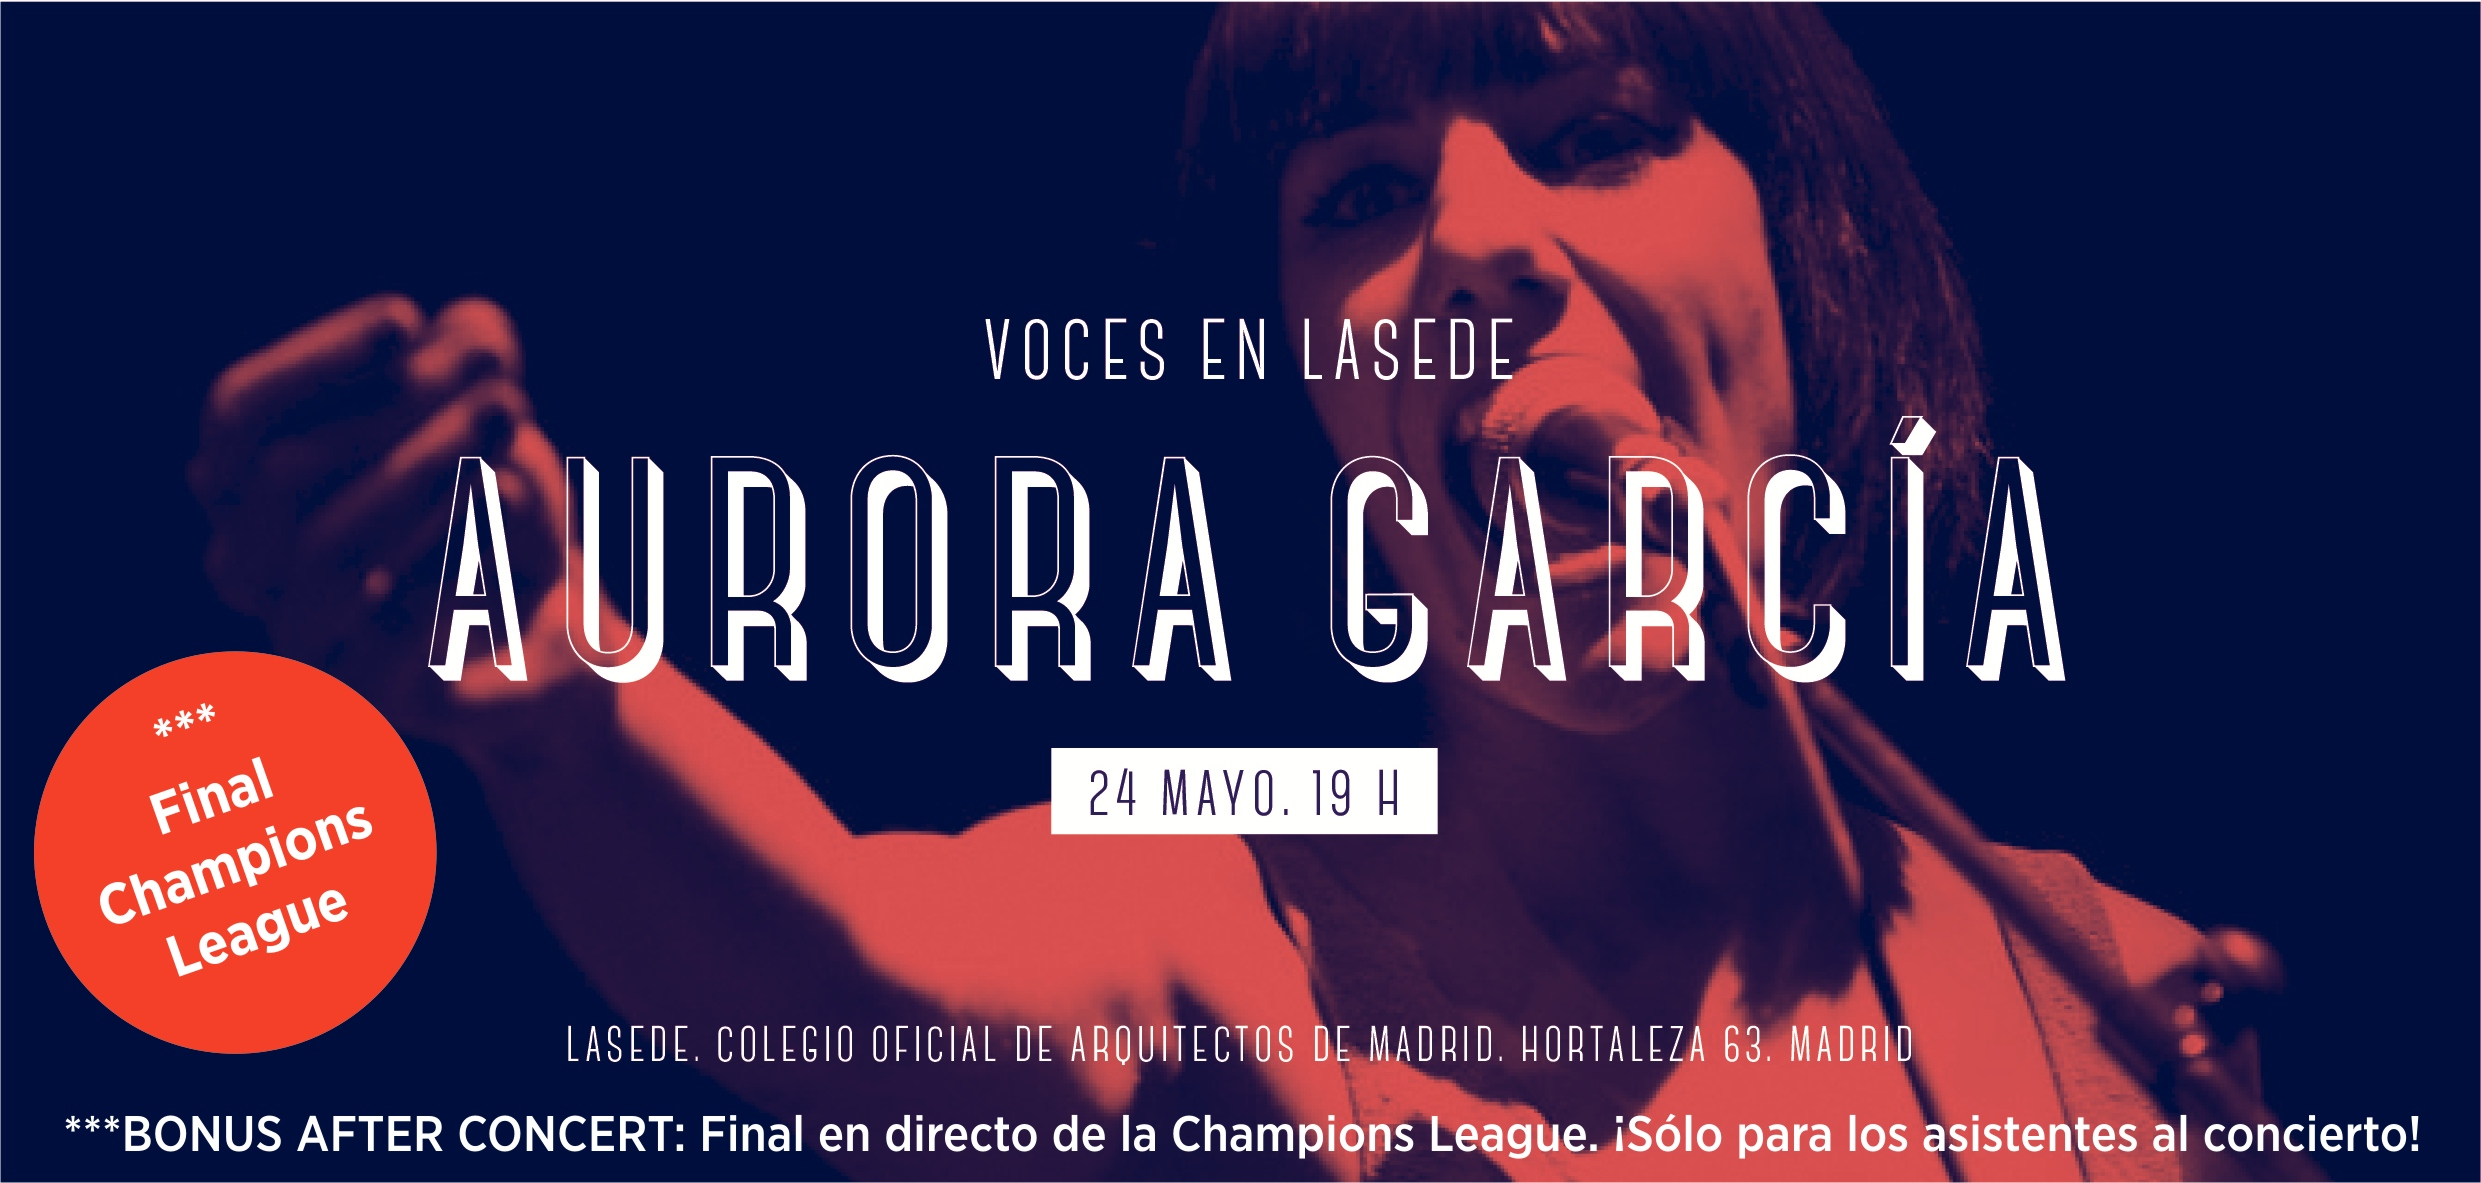 VeS_AURORA GARCÍA_ FINAL BANNER 2